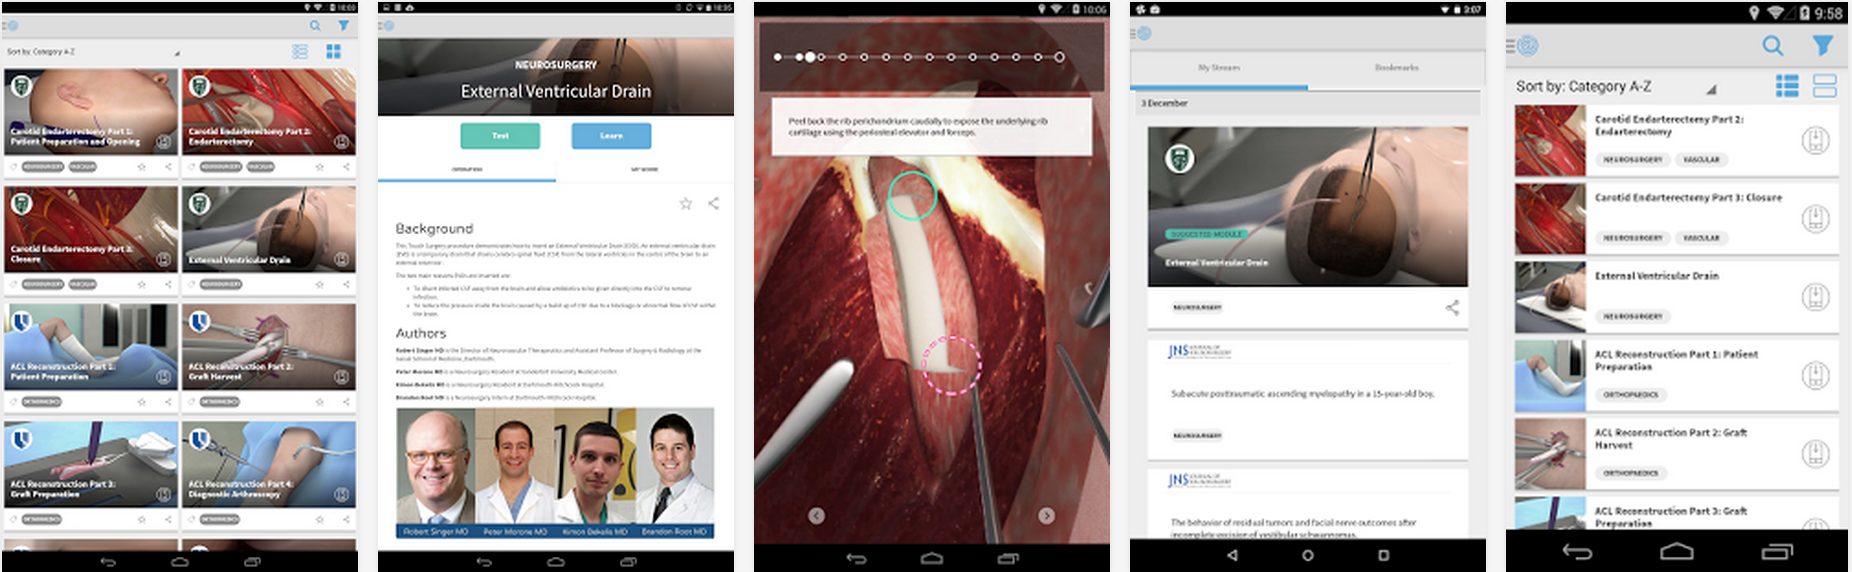 Сенсорная хирургия: как вырезать аппендикс на планшете или смартфоне - 2